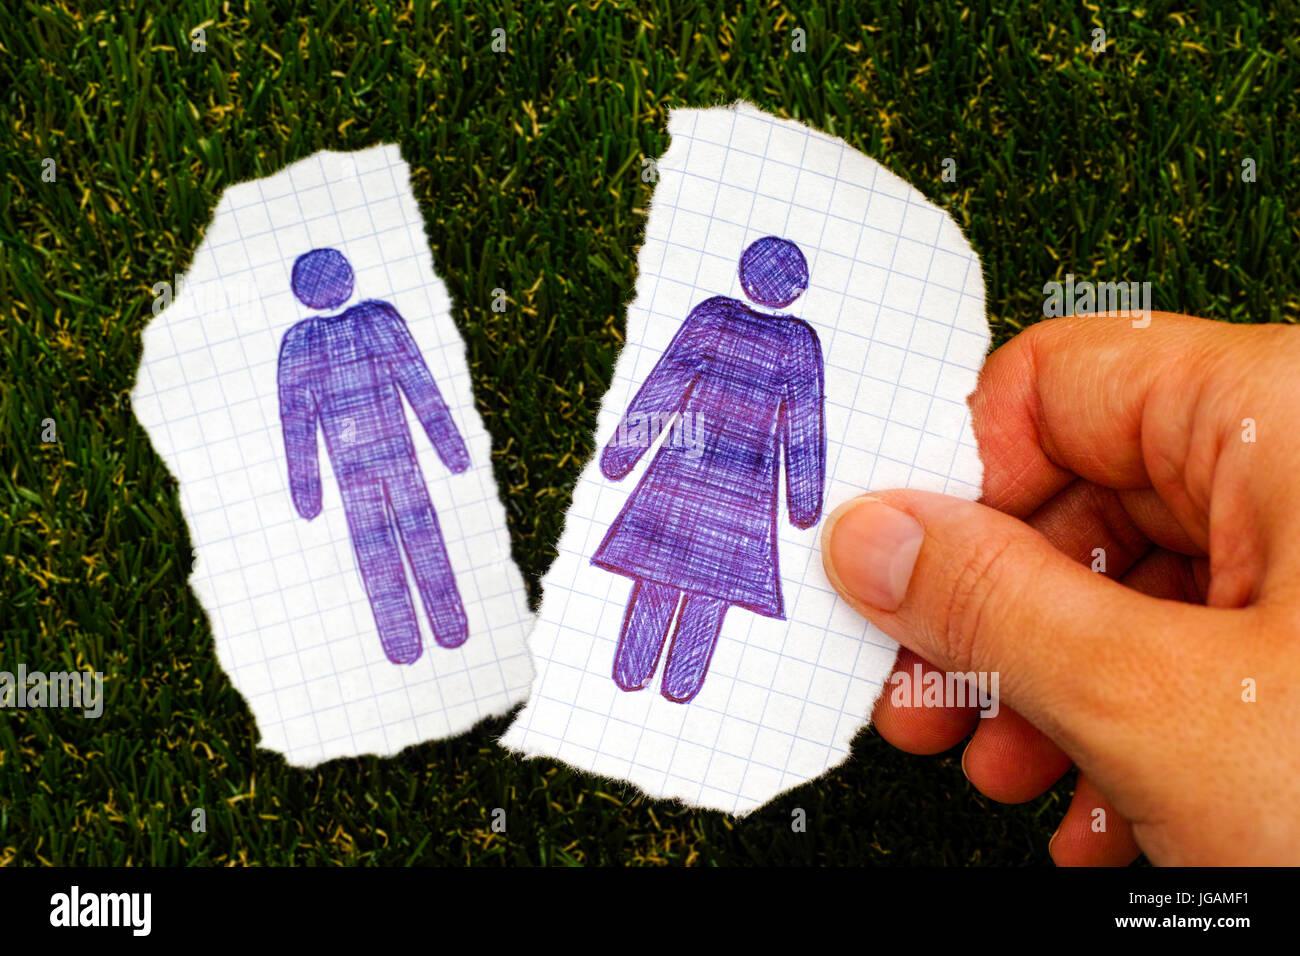 La persona tenuta a mano pezzo di carta con disegnati a mano donna figura. Altro pezzo di carta con uomo disegnata Immagini Stock